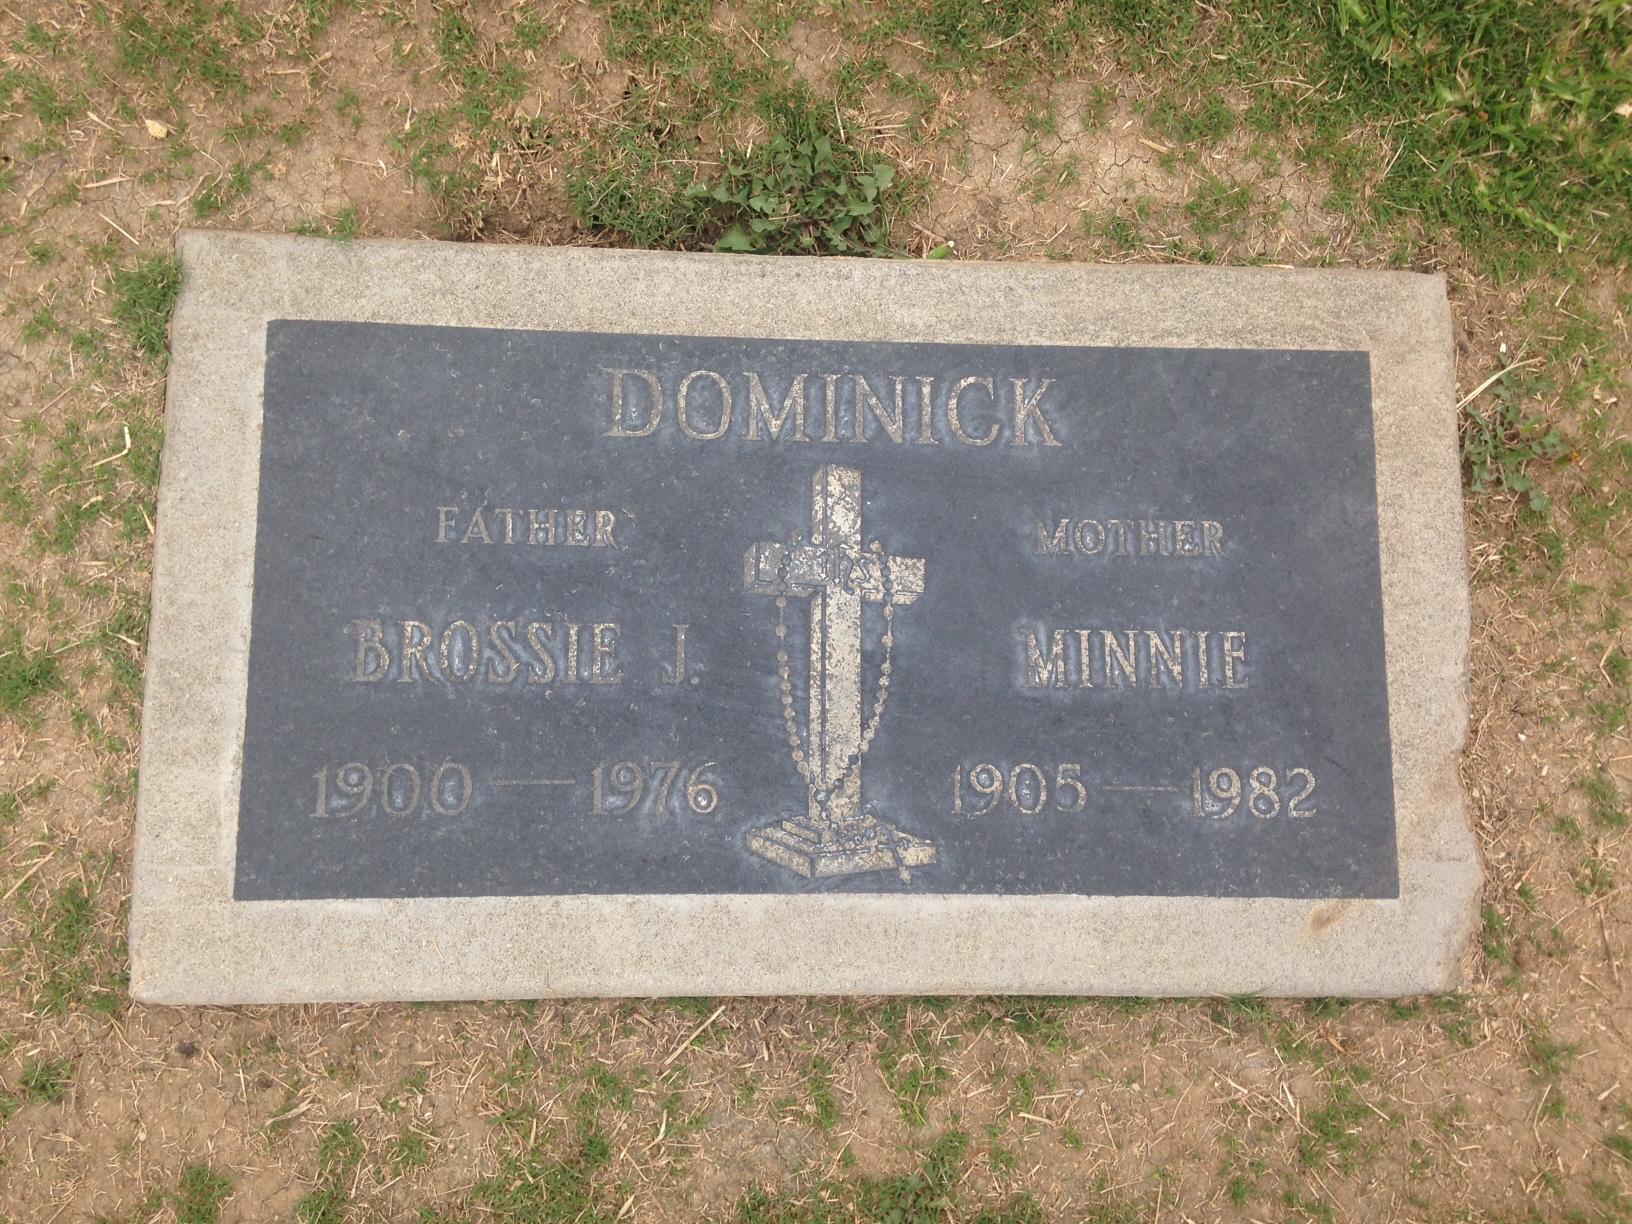 Brossie J. Dominick